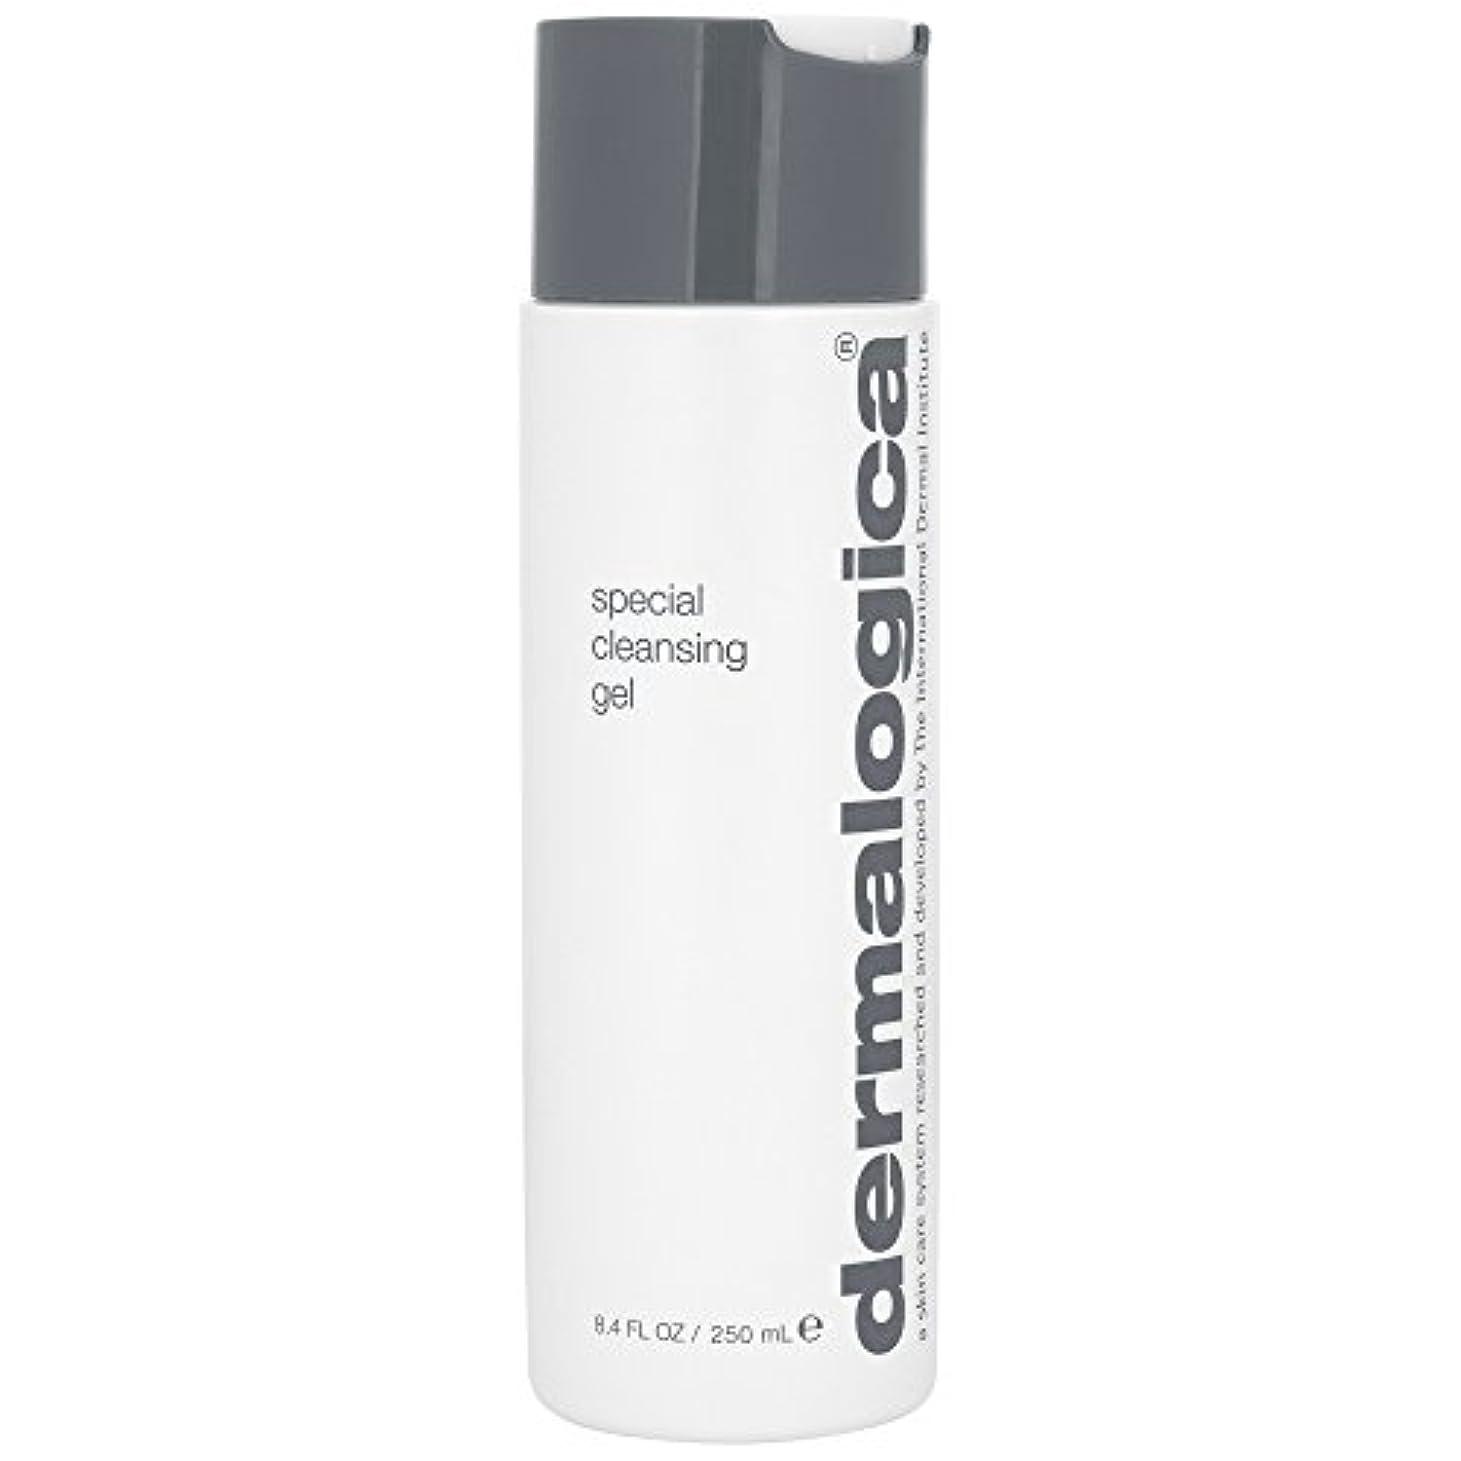 ジョットディボンドン失う弾丸ダーマロジカ特別なクレンジングゲル250ミリリットル (Dermalogica) (x2) - Dermalogica Special Cleansing Gel 250ml (Pack of 2) [並行輸入品]